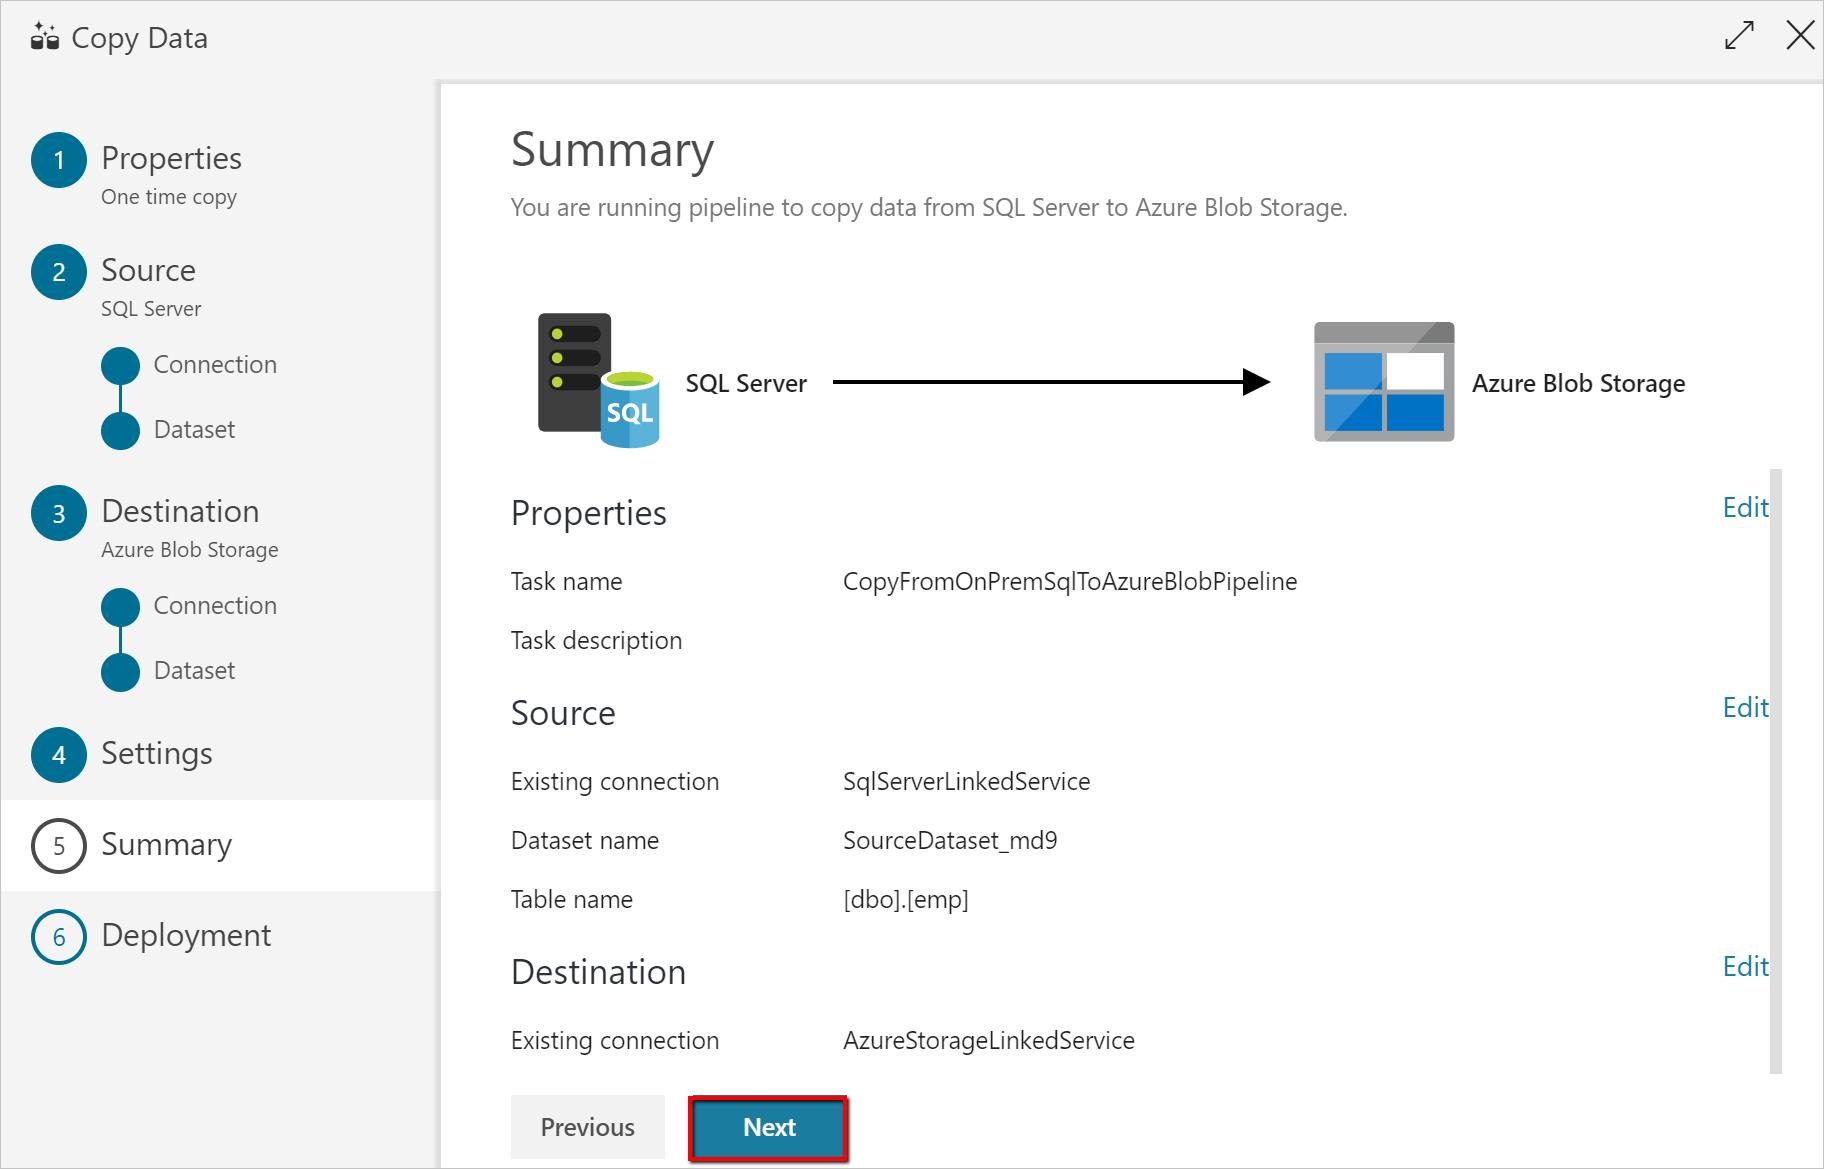 Copia de datos locales con la herramienta Copy Data de Azure ...